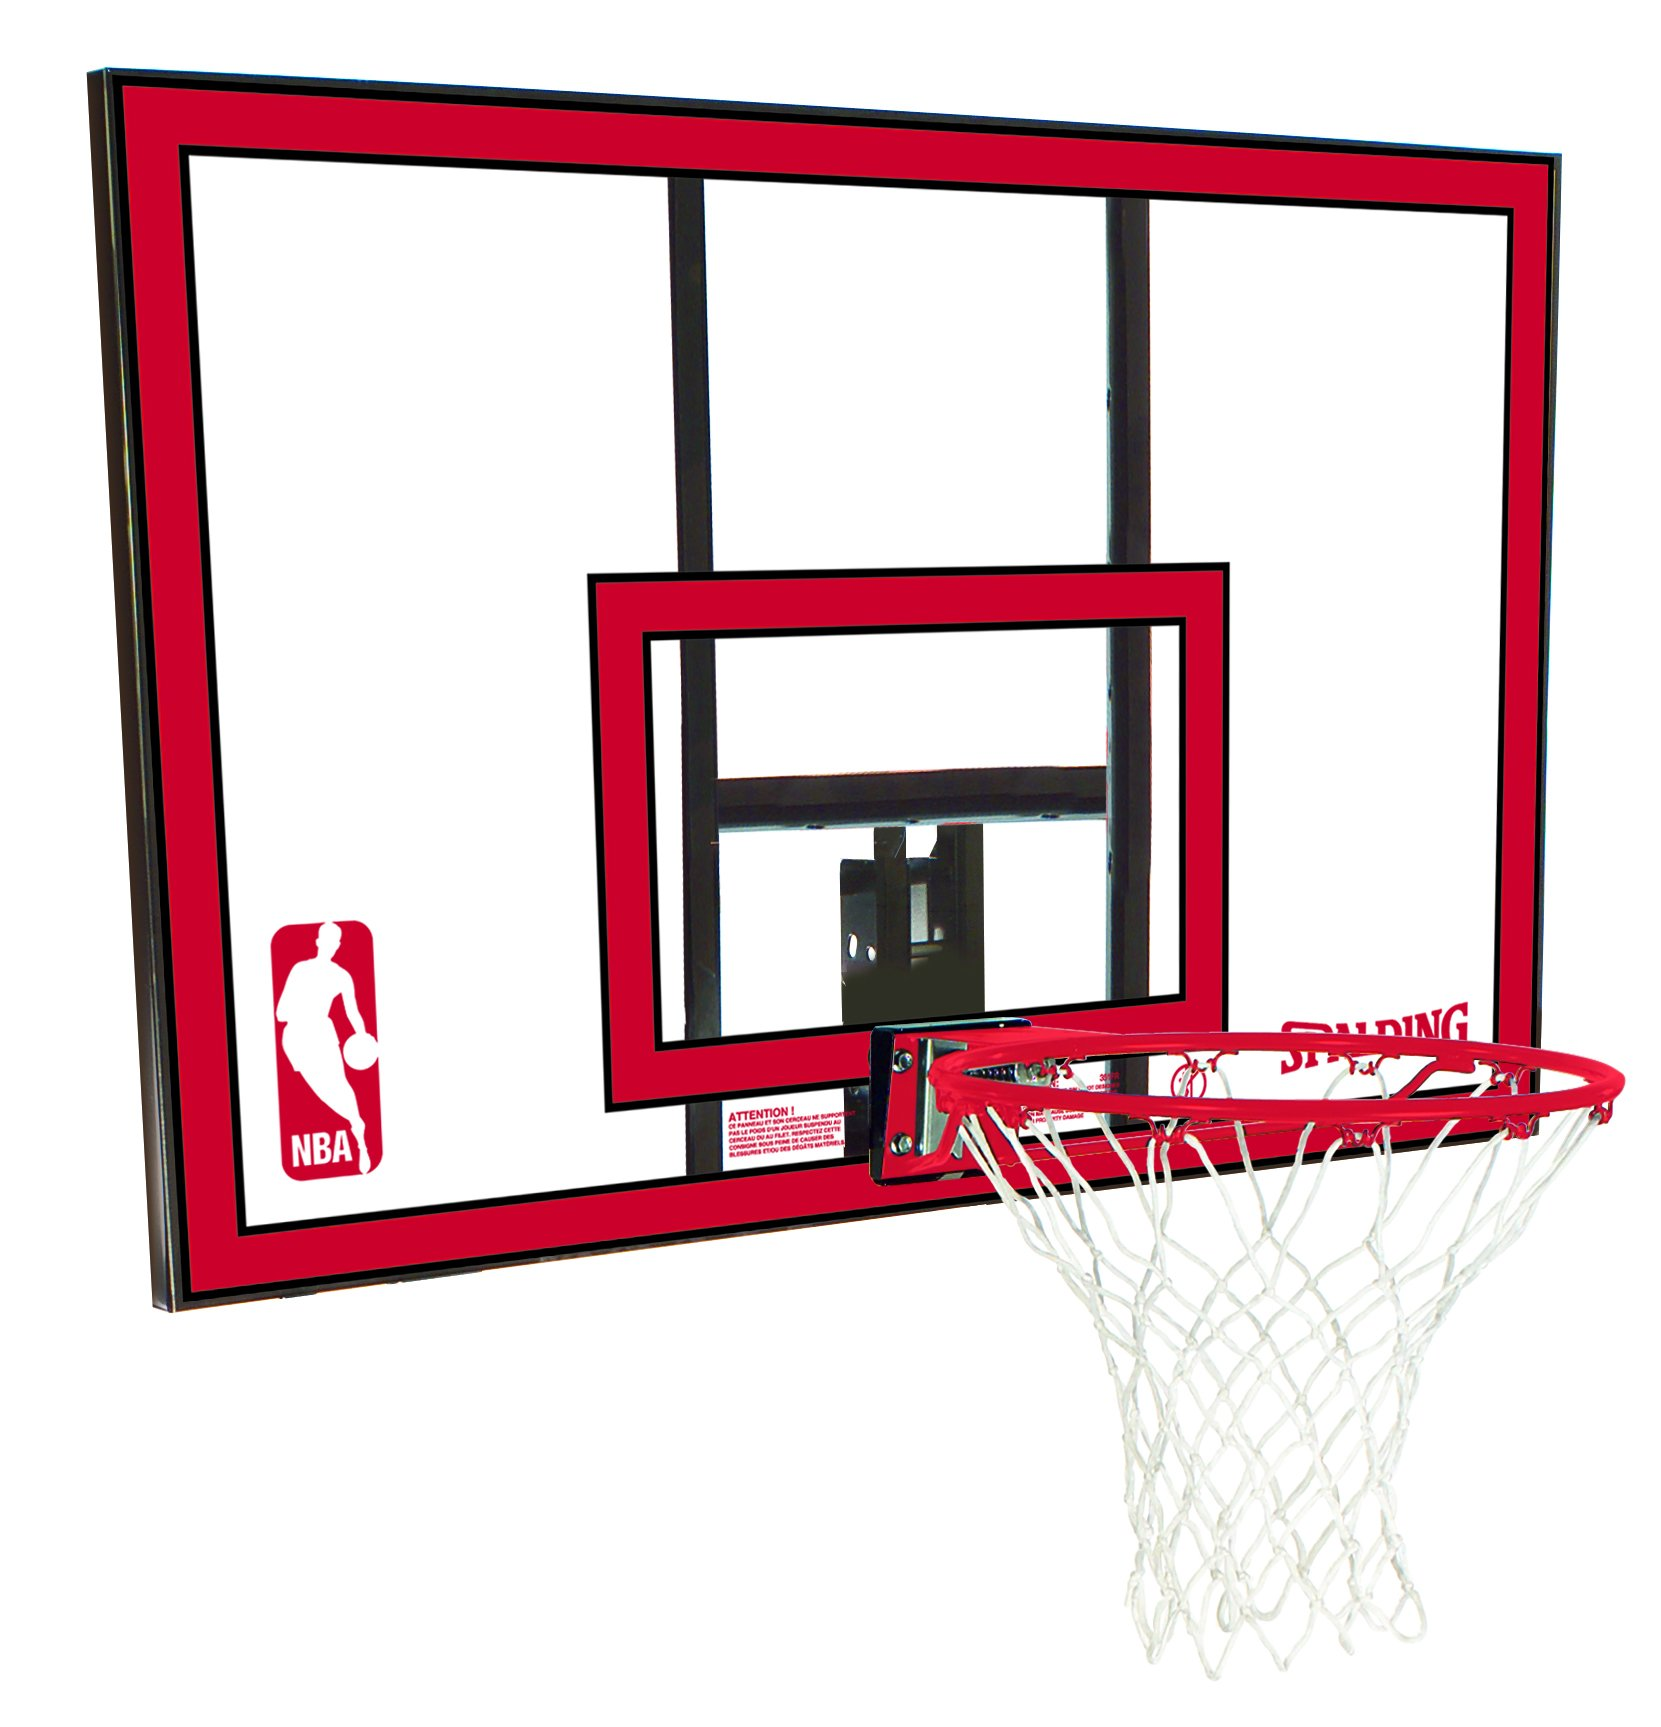 Spalding NBA Backboard/Rim Combo - 44'' Polycarbonate Backboard